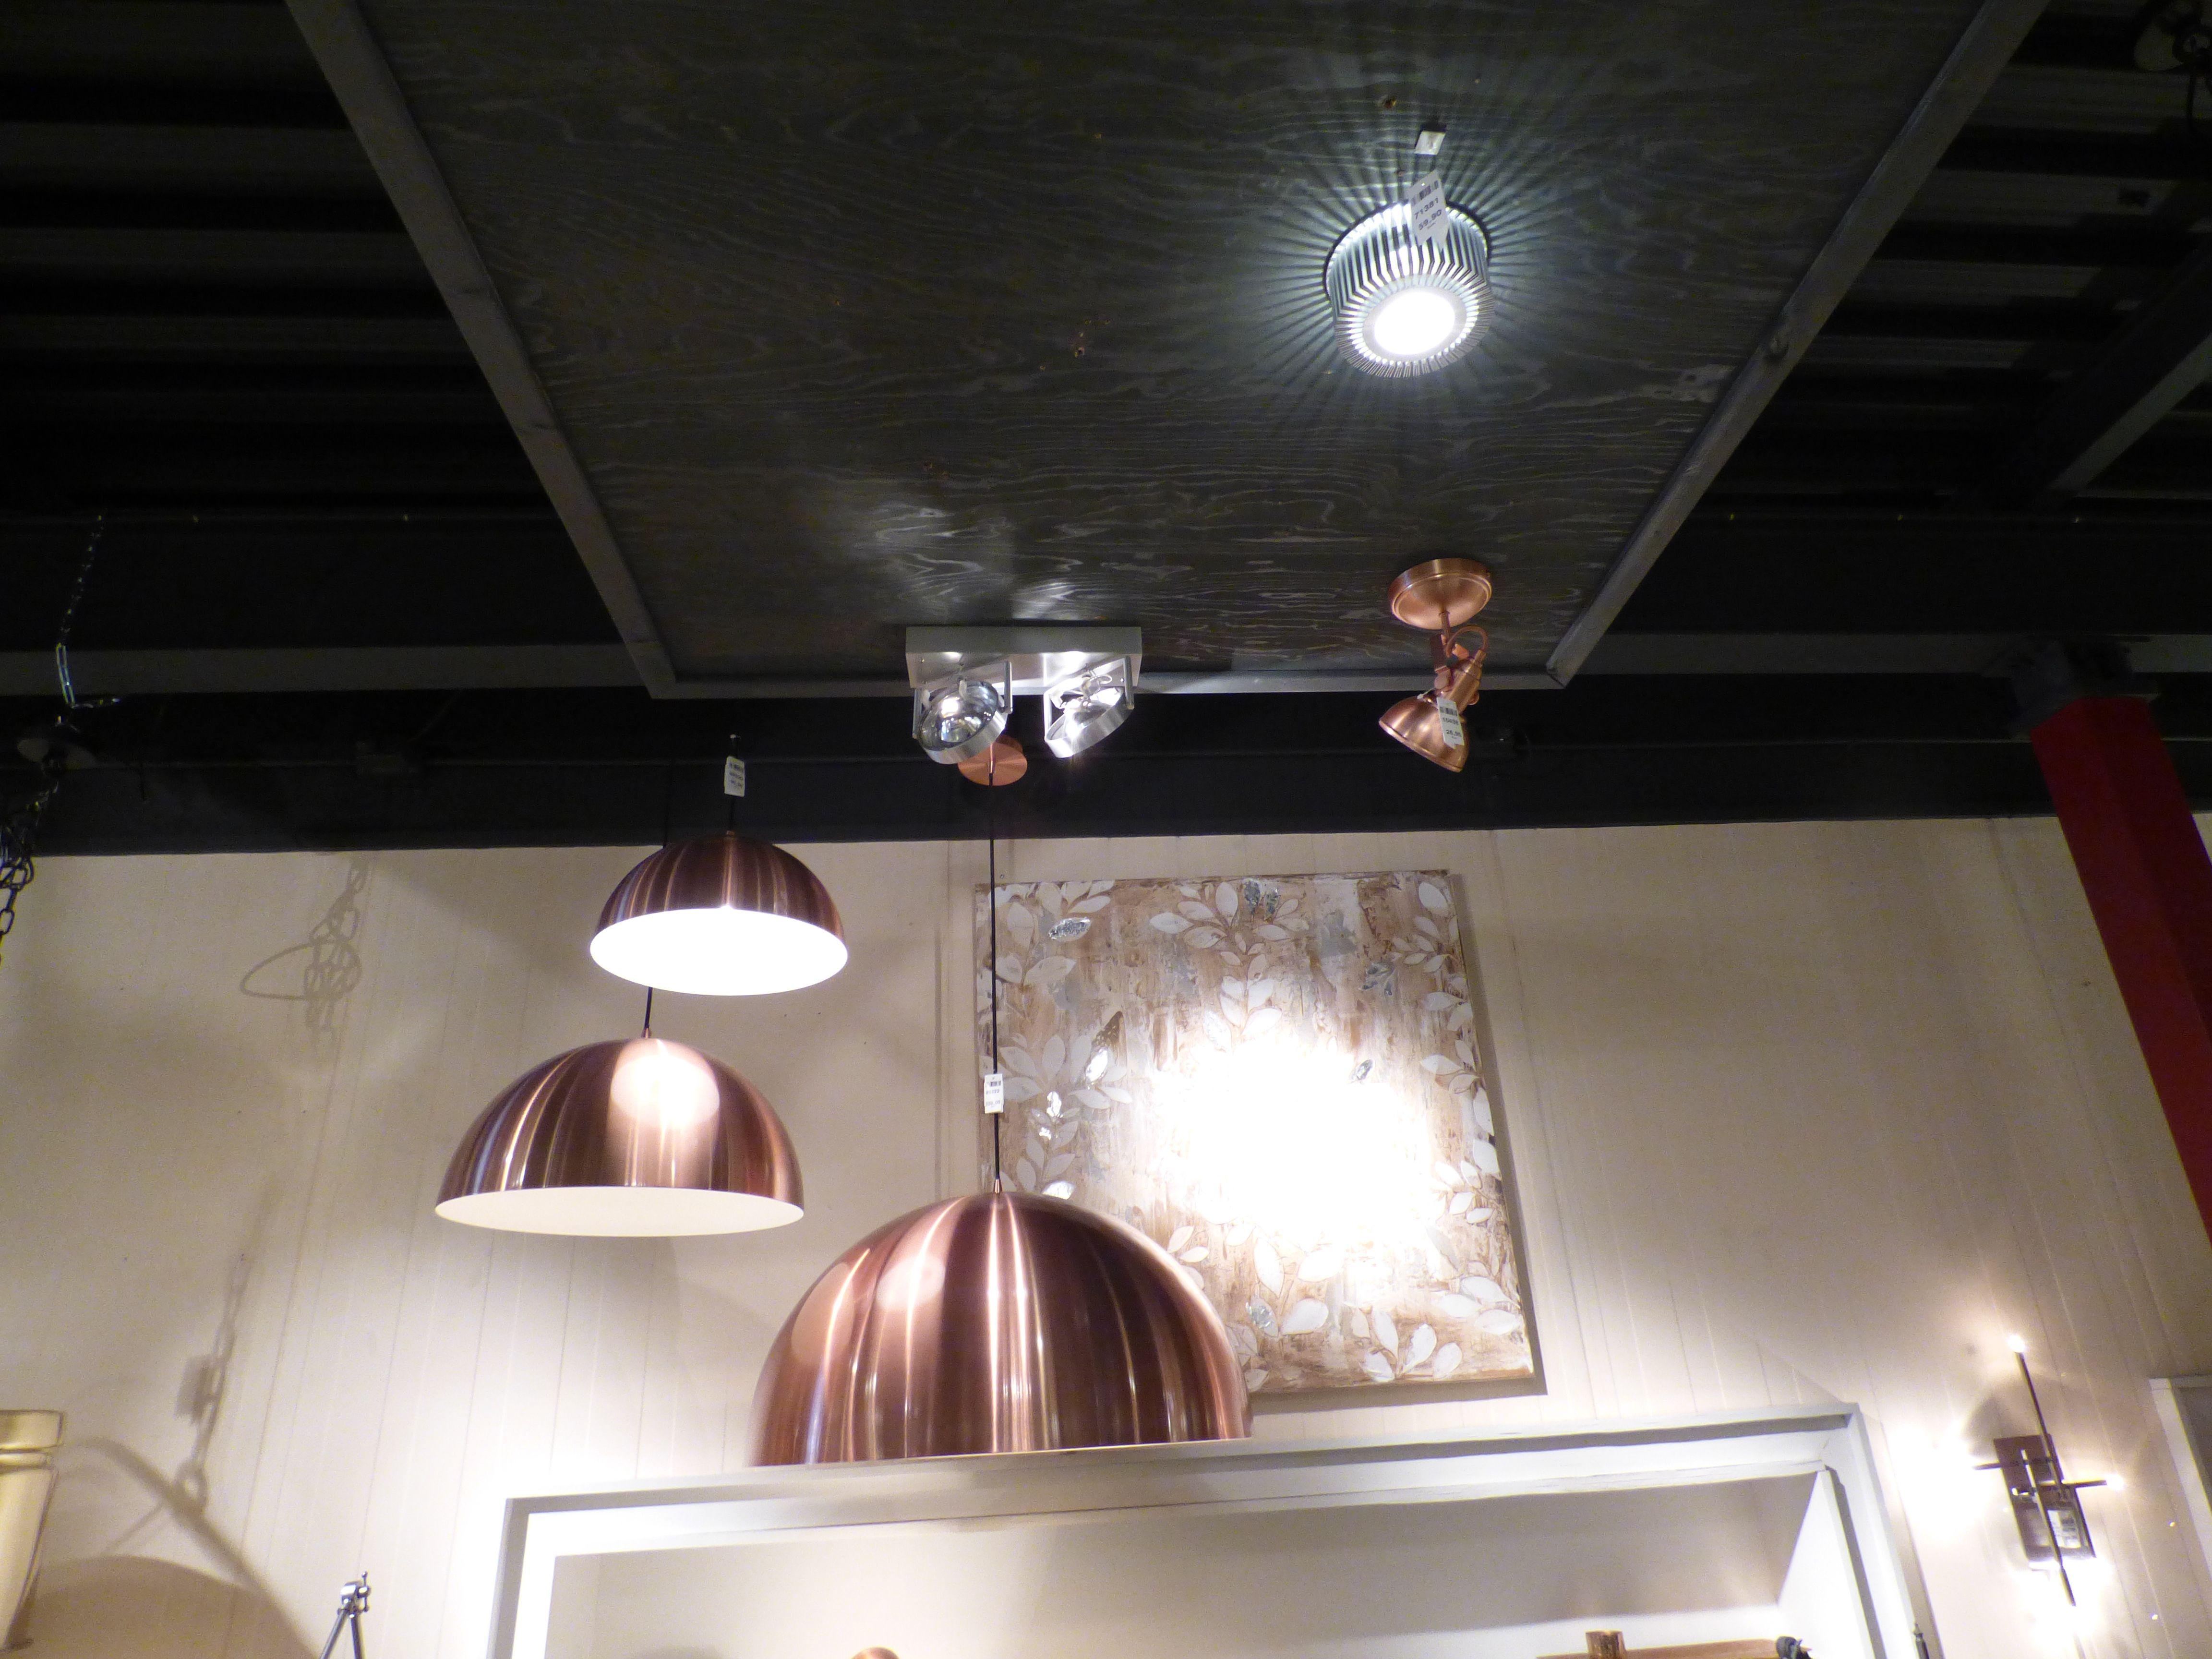 Hanglamp Voor Slaapkamer : Spots plafondlamp en hanglampen voor woonkamer keuken